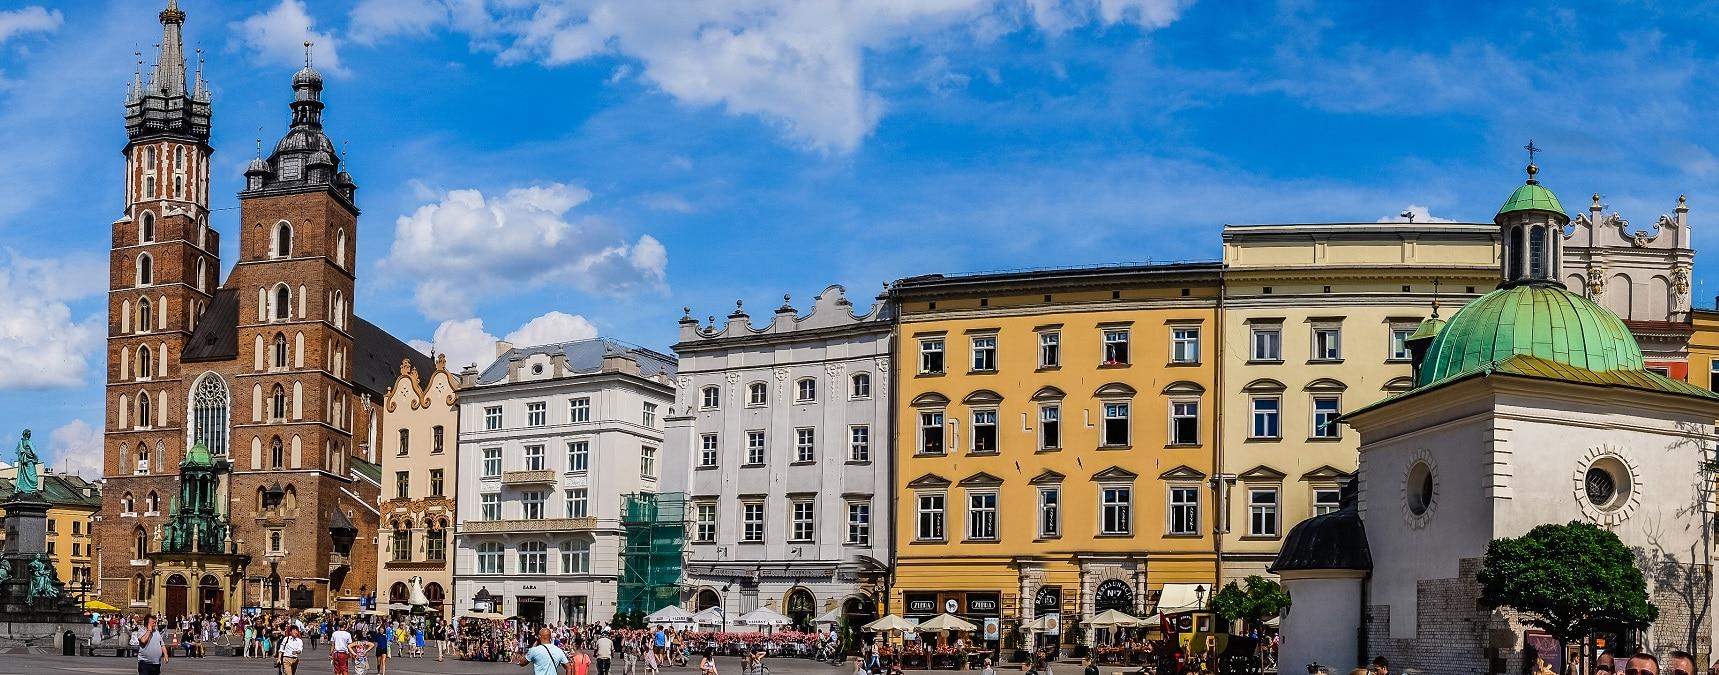 quelle ville visiter en pologne